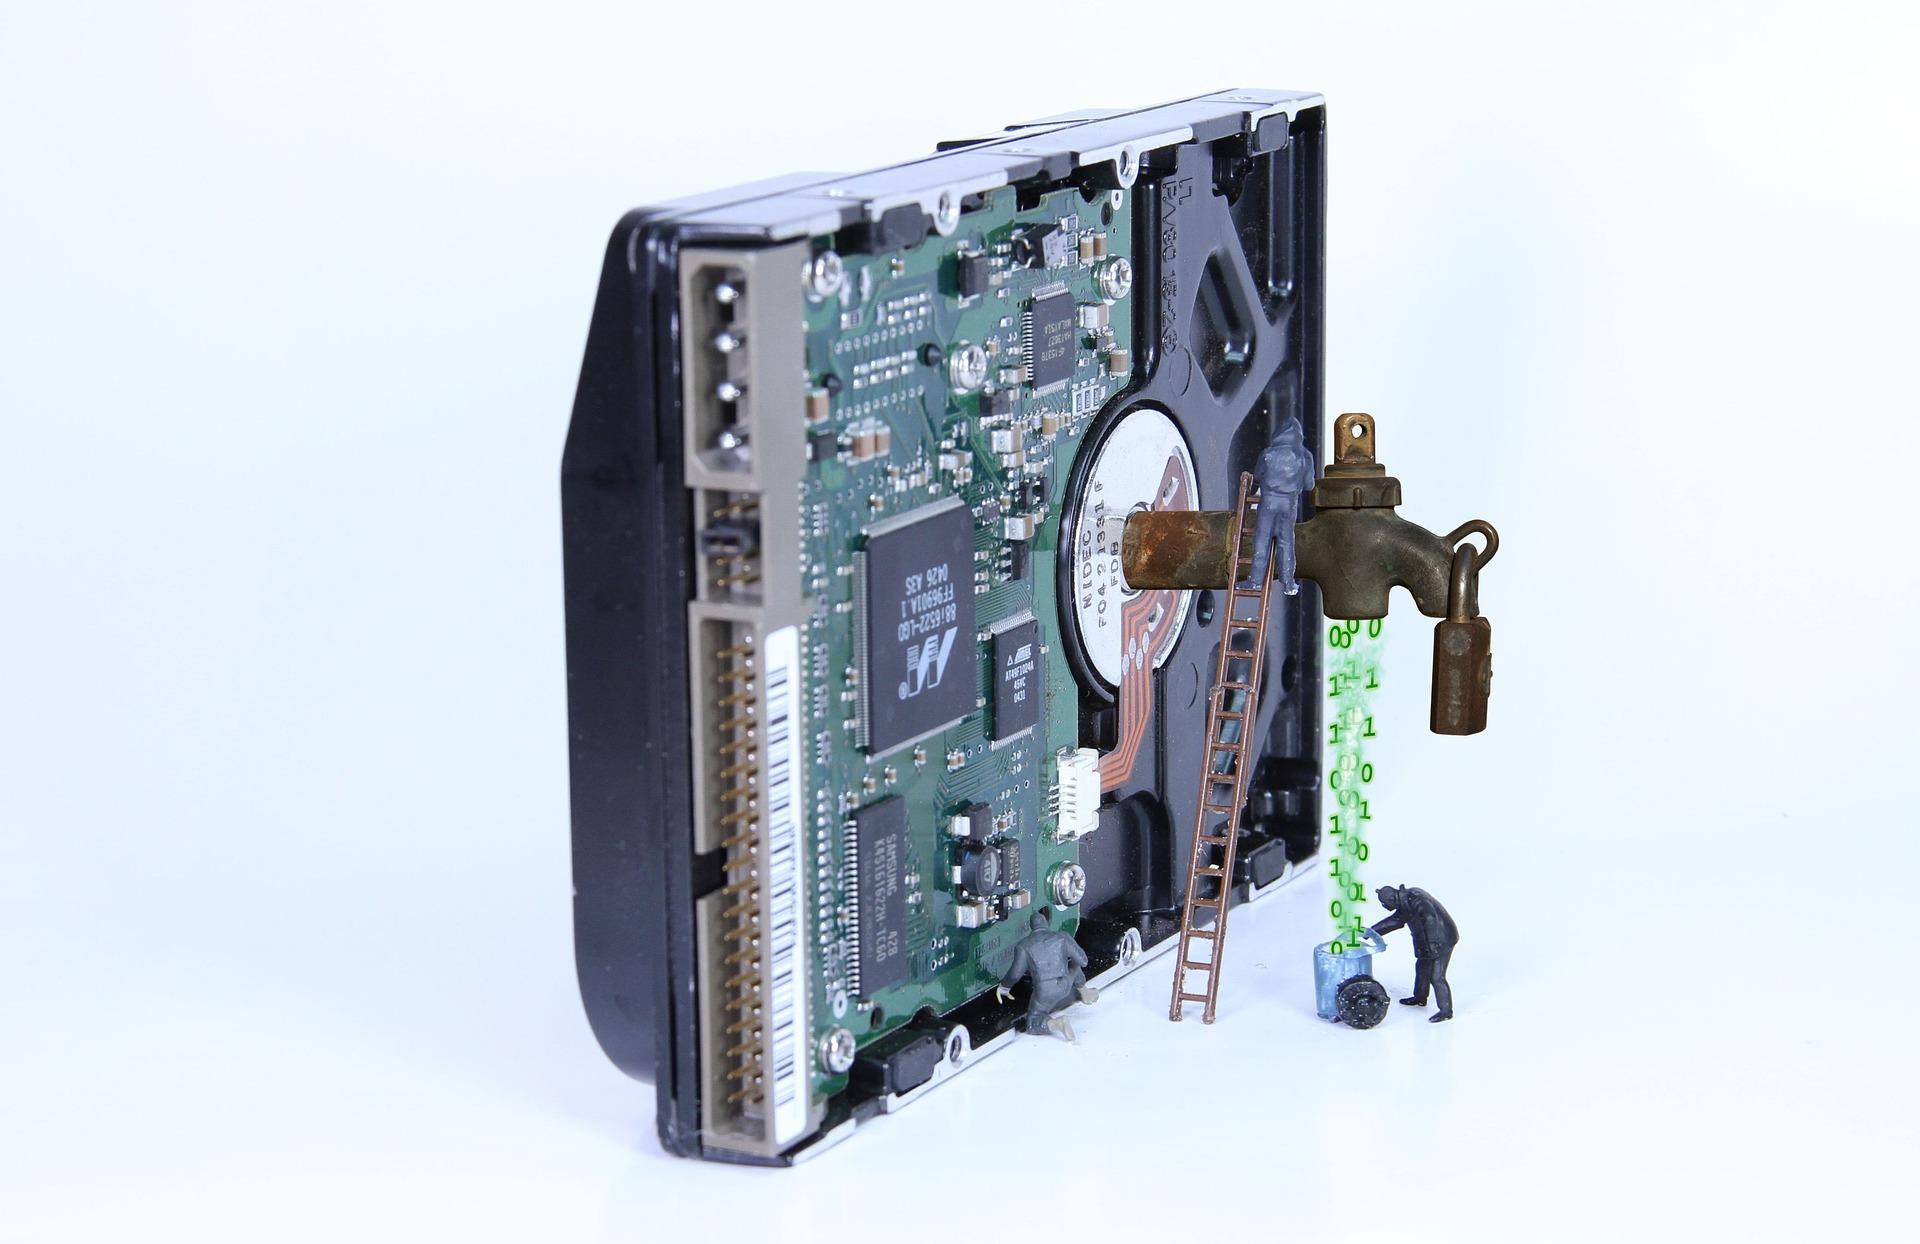 Aufnahme eines Motherboards, das ein Datenleck symbolisiert